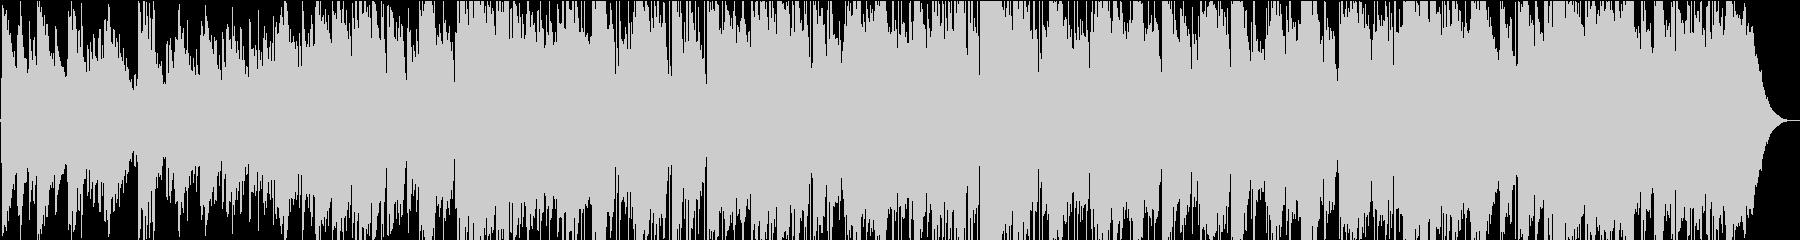 エレキギターの切ないバラードの未再生の波形